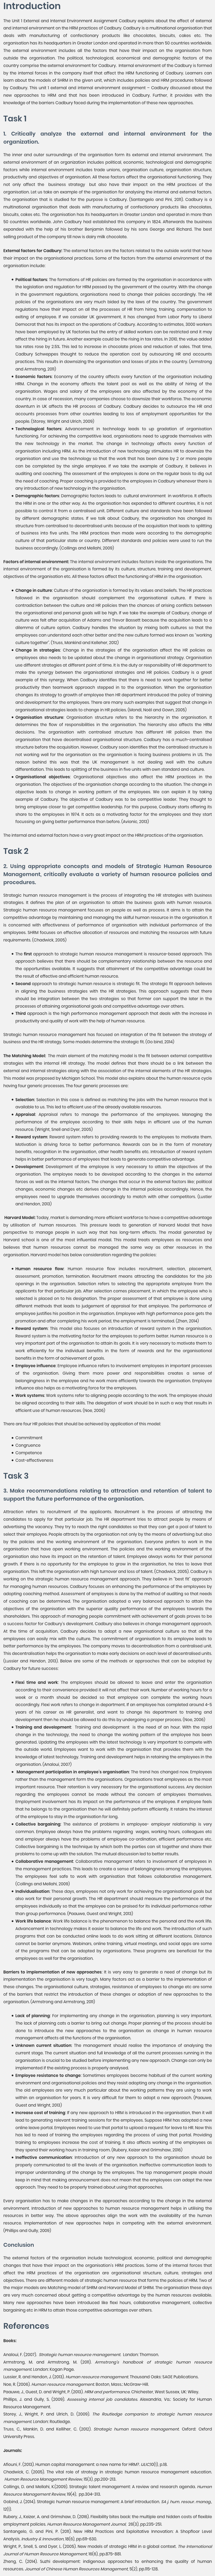 Unit 1 External and Internal Environment Assignment Help